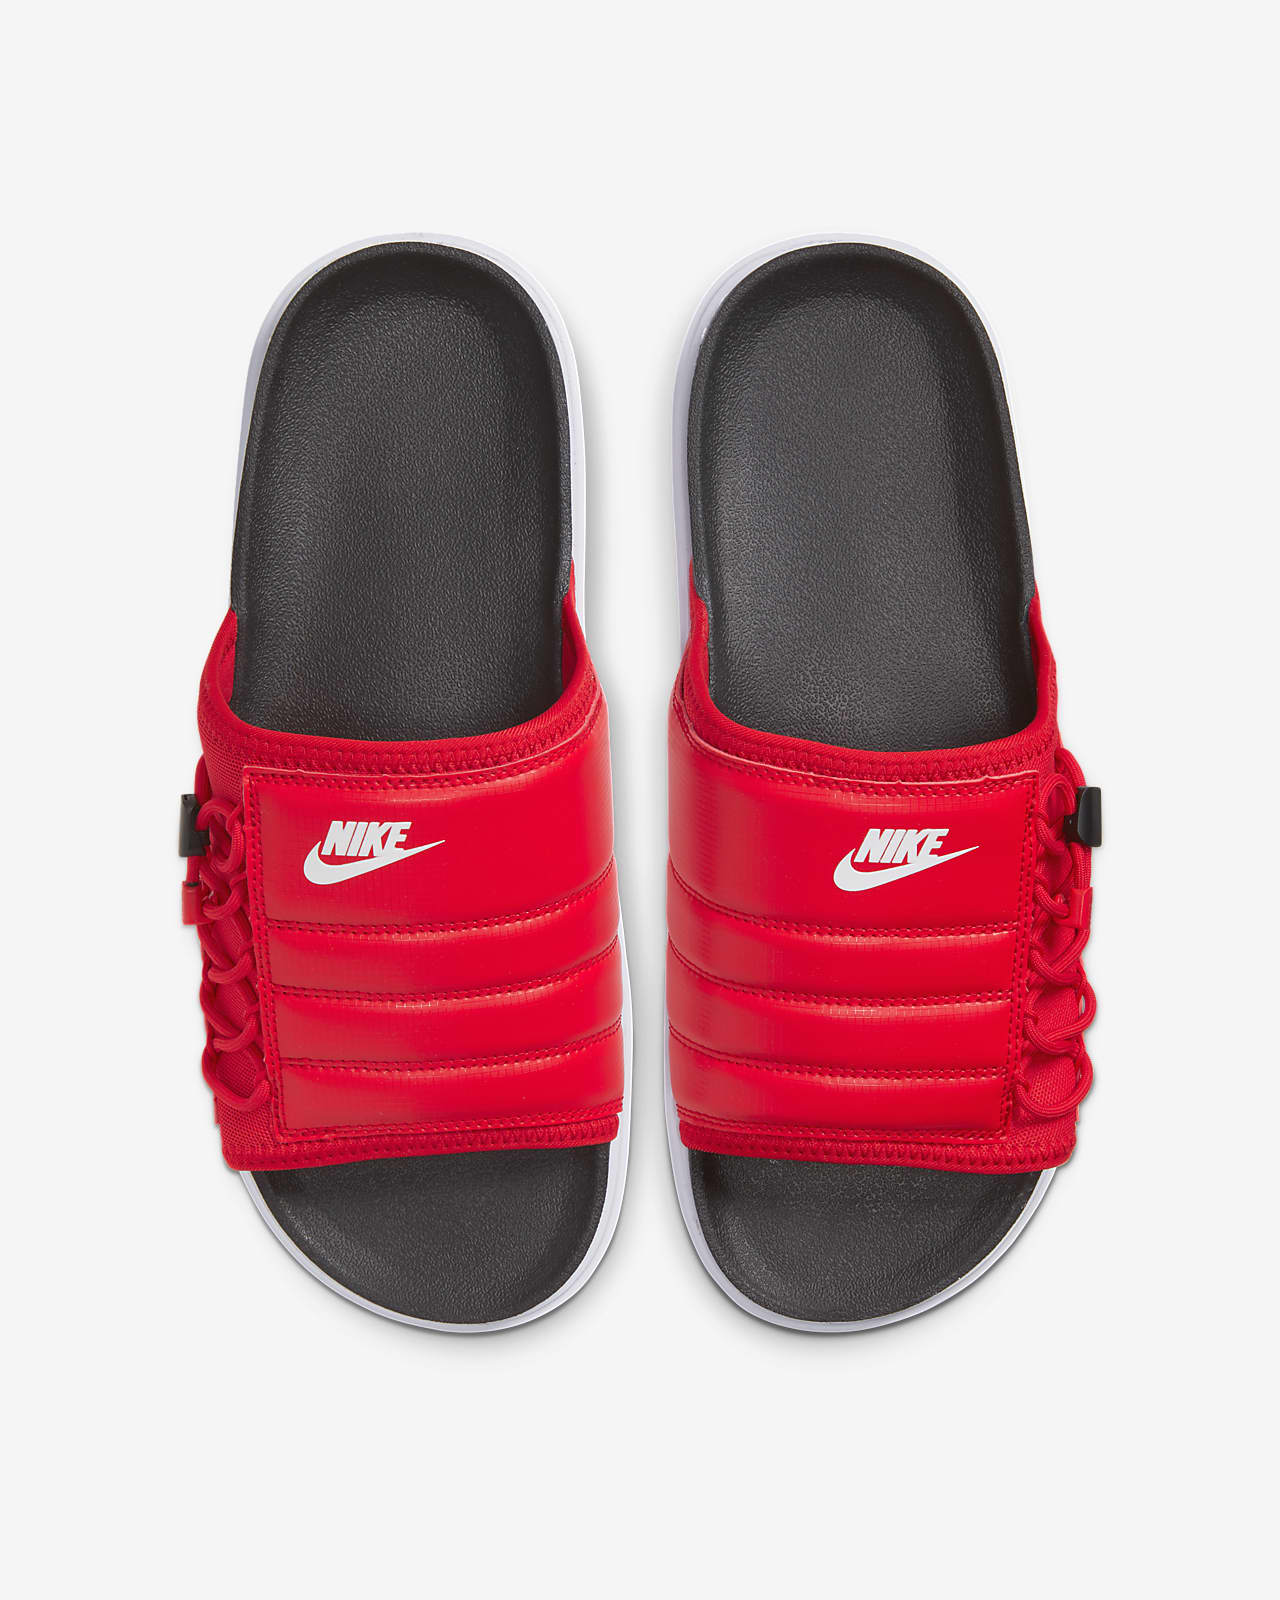 Chancla para hombre Nike Asuna